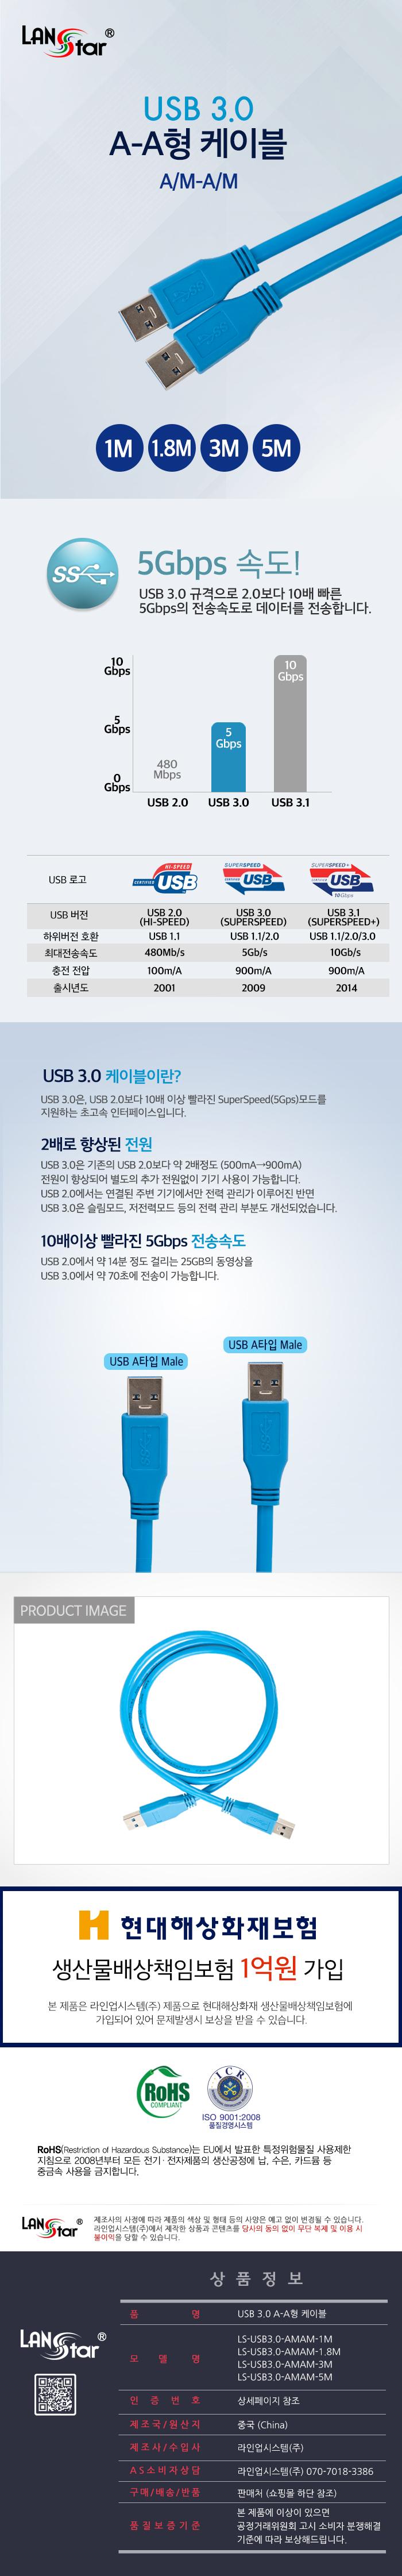 라인업시스템 LANSTAR USB 3.0 A-A형 케이블(1.8m, LS-USB3.0-AMAM-1.8M)